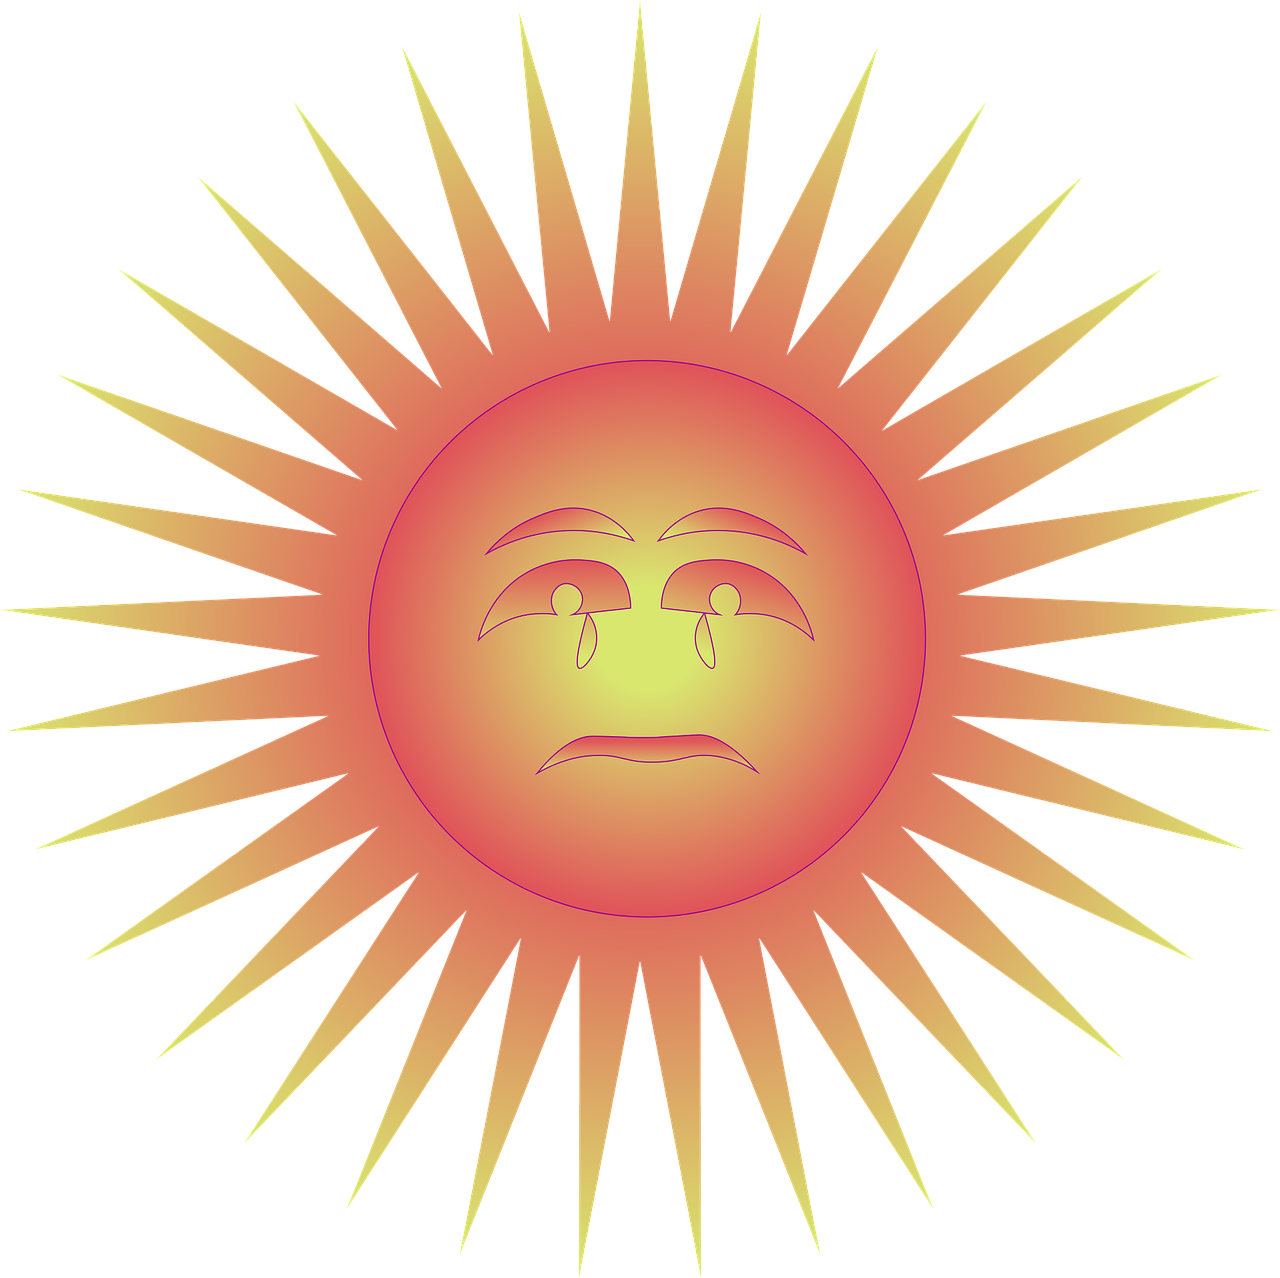 Картинки лицо солнца